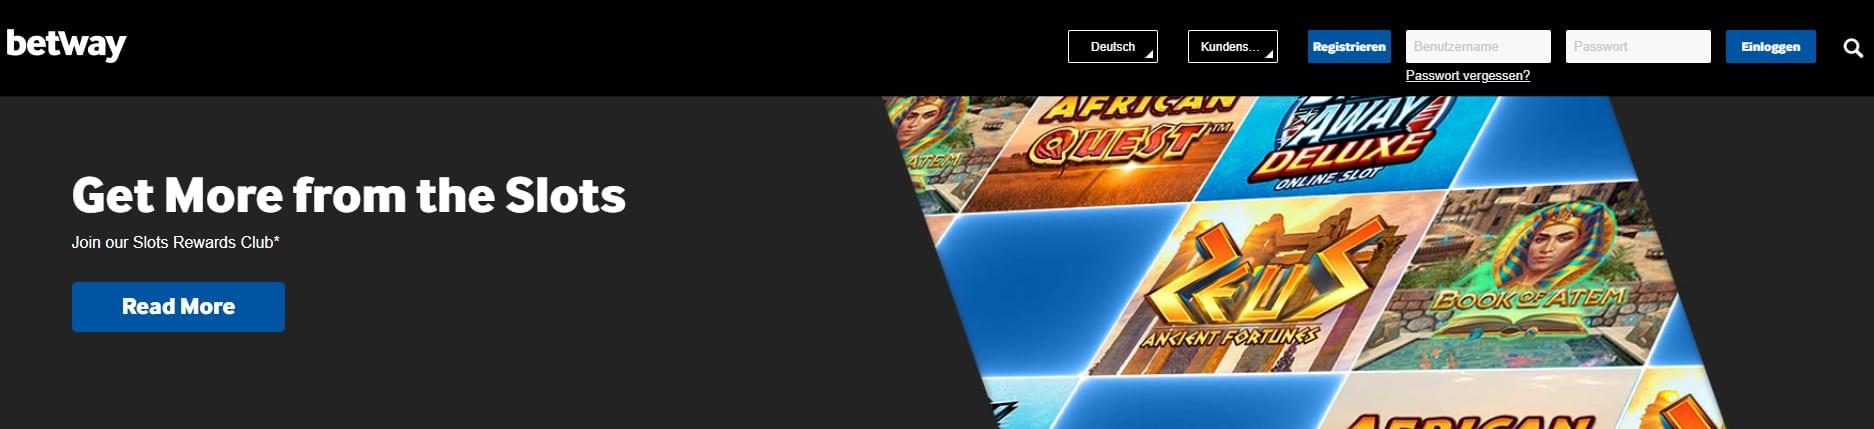 Betway Casino Seitenübersicht